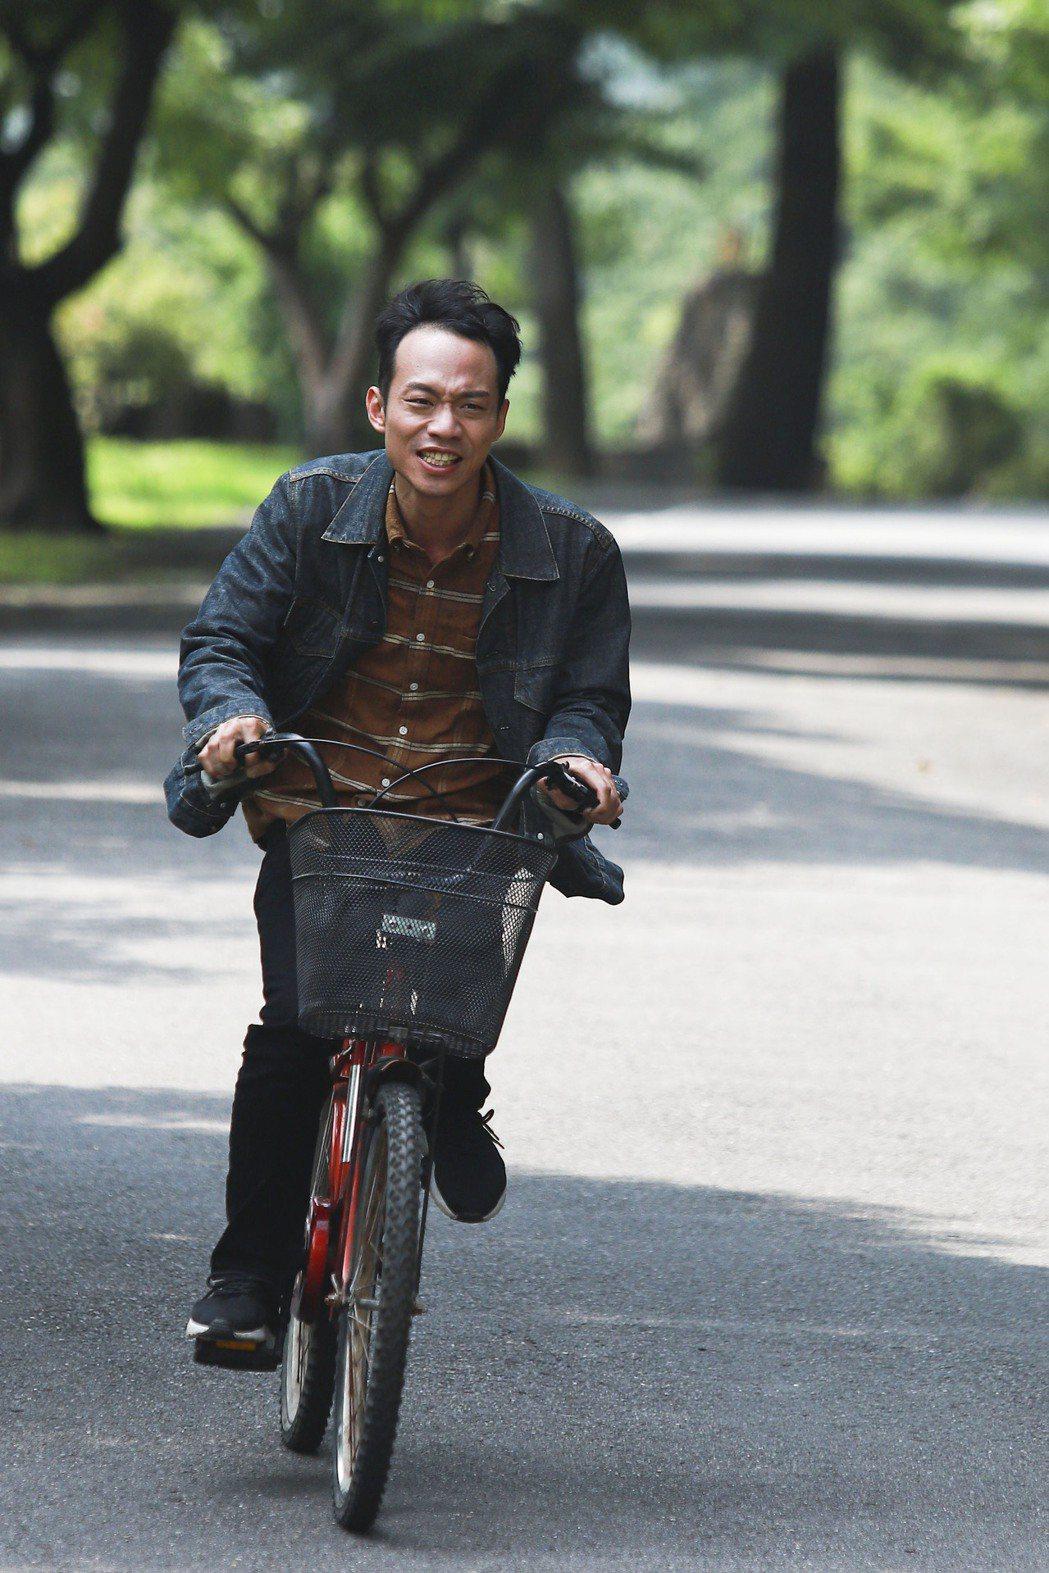 張哲豪在山上騎單車,累到氣喘吁吁。圖/民視提供